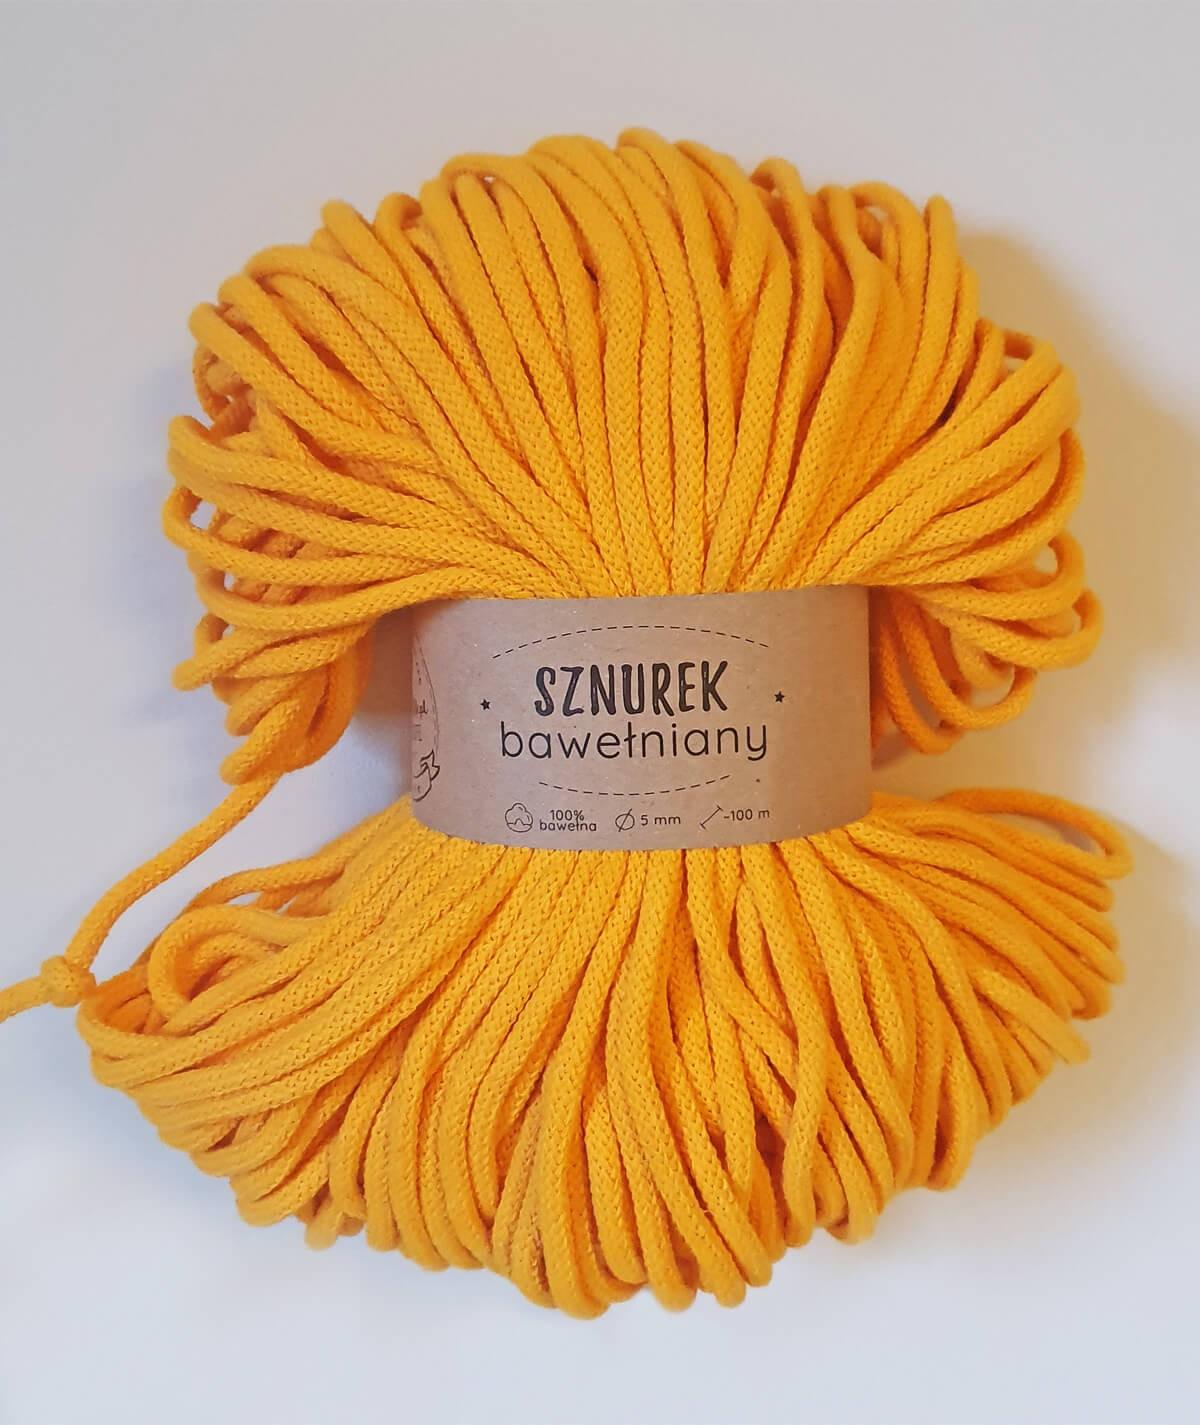 Sznurek bawełniany 5 mm żółty do rękodzieła